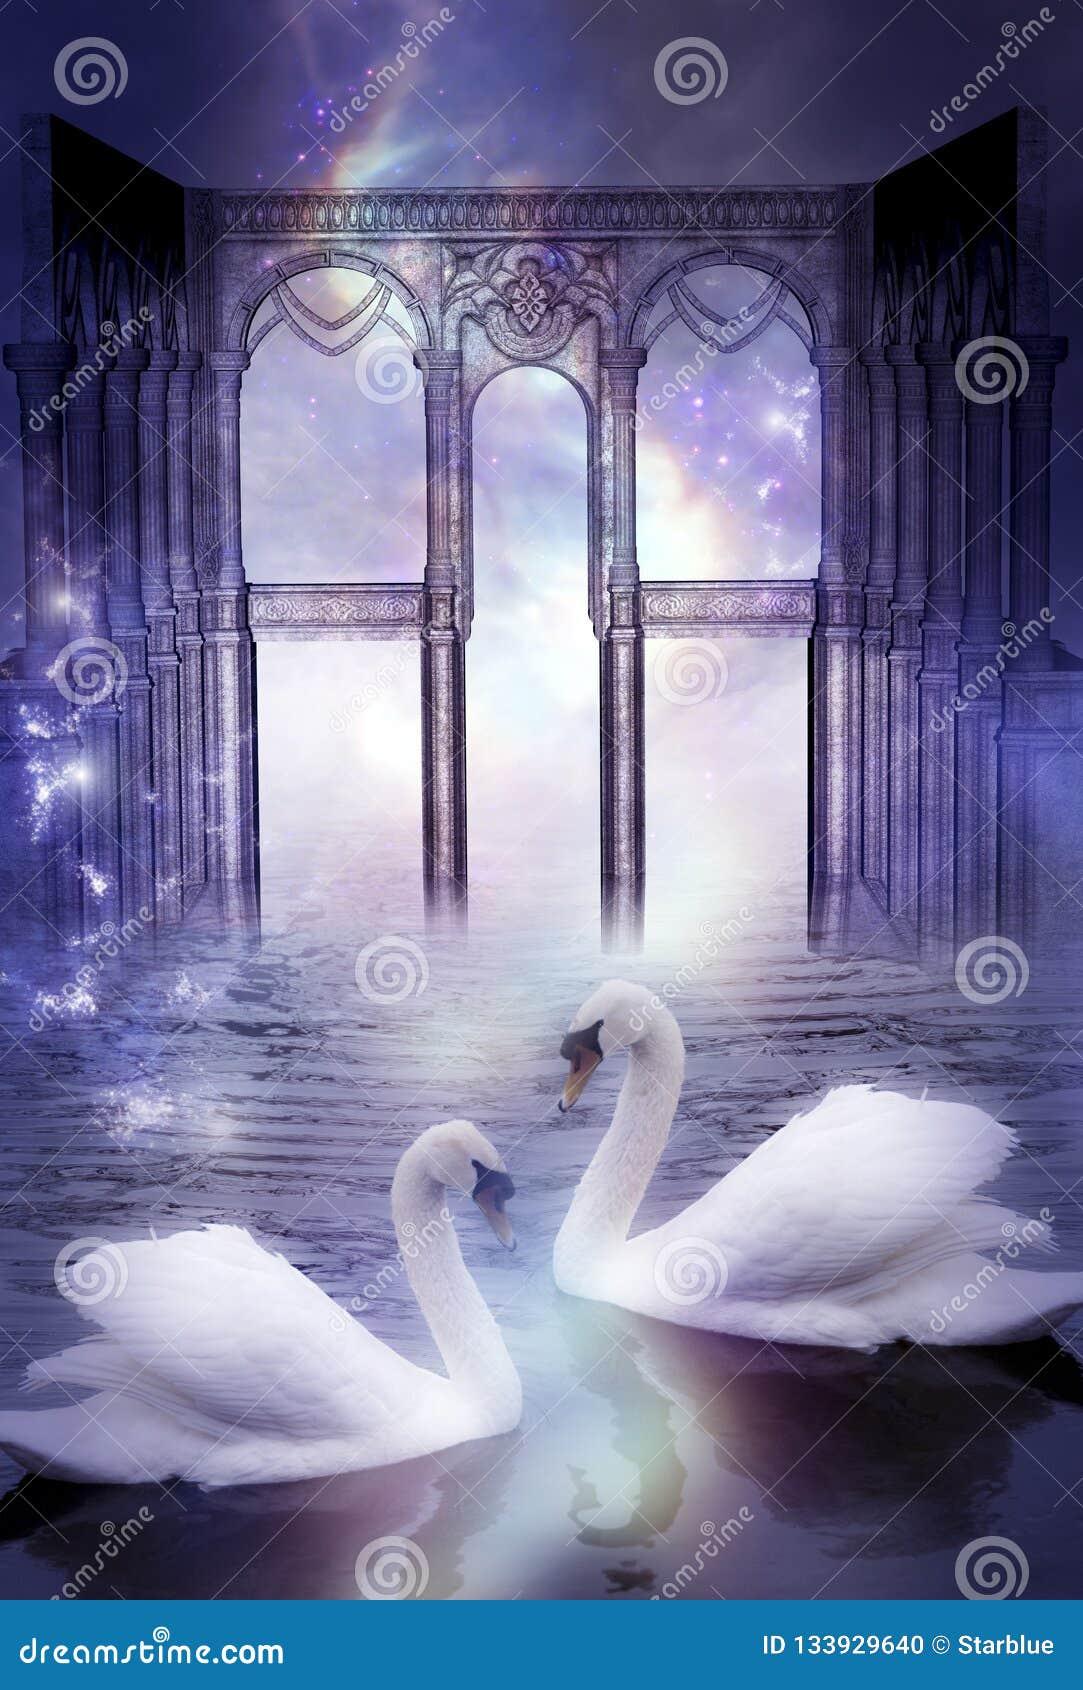 Μυστικοί κύκνοι με τη θεία πύλη όπως την καλλιτεχνική υπερφυσική μαγική ονειροπόλο έννοια